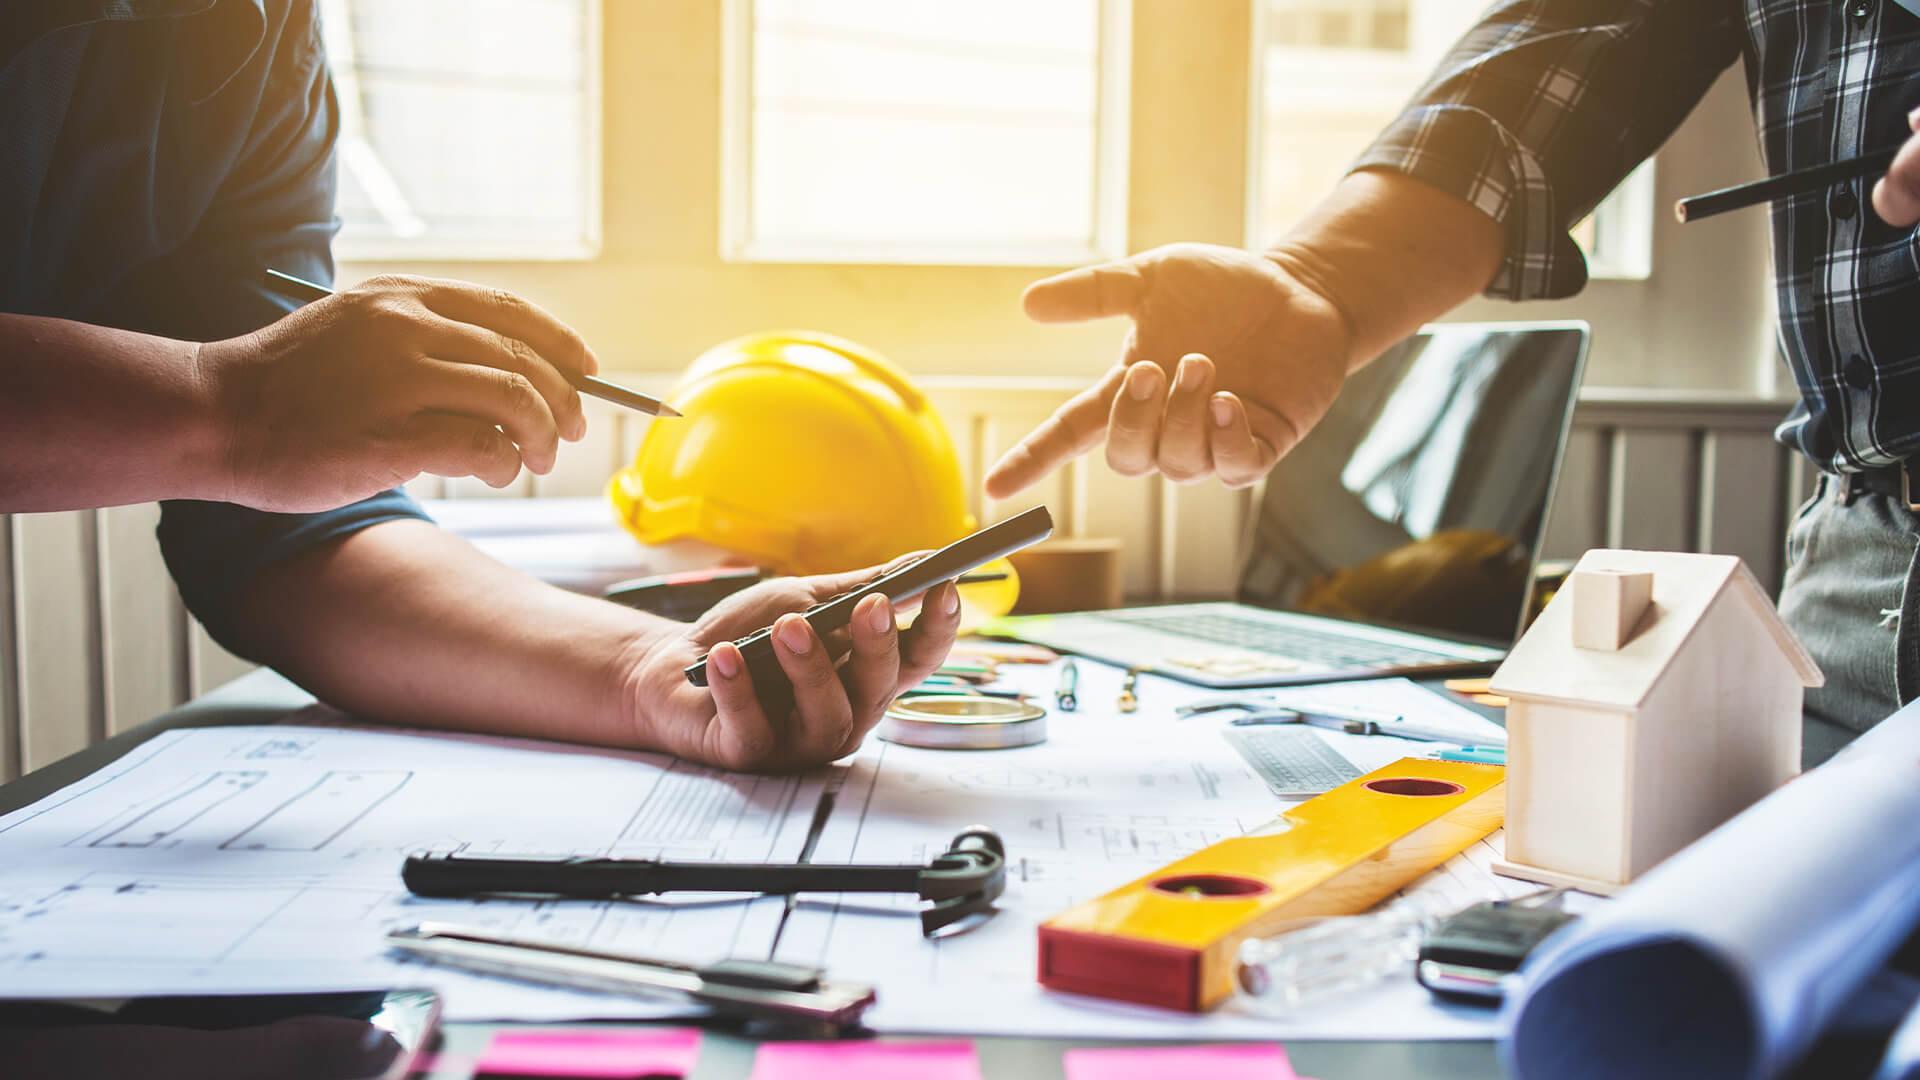 Renovation Safety